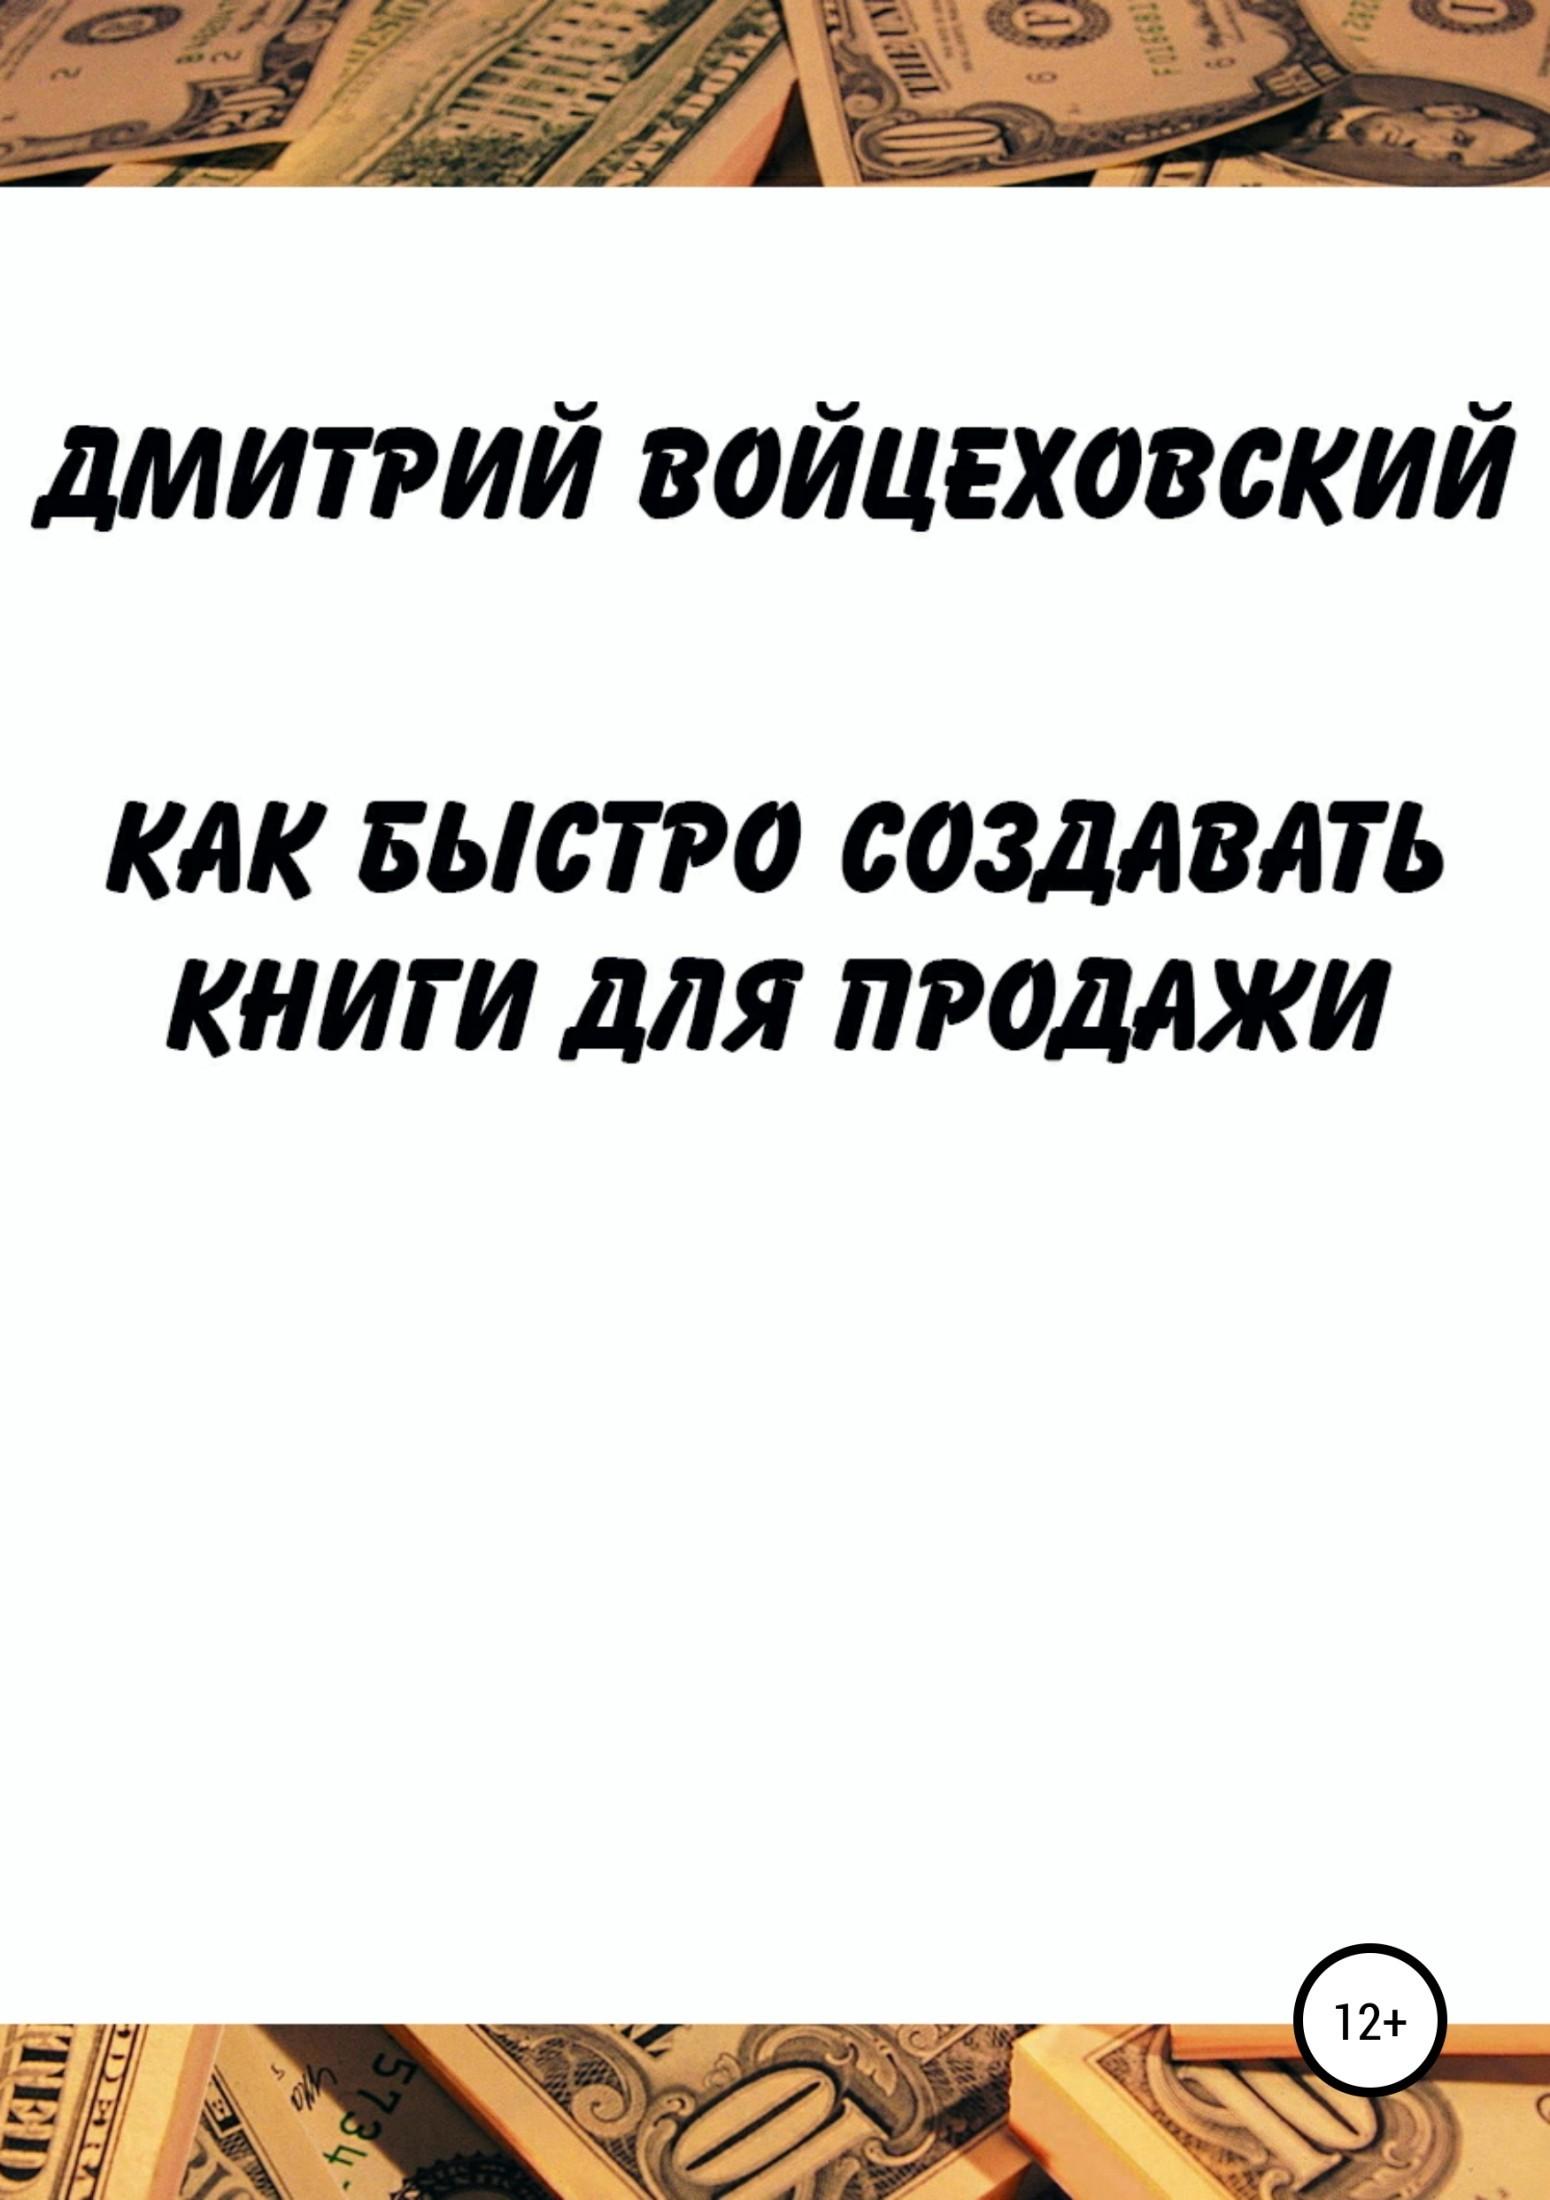 Обложка книги. Автор - Дмитрий Войцеховский